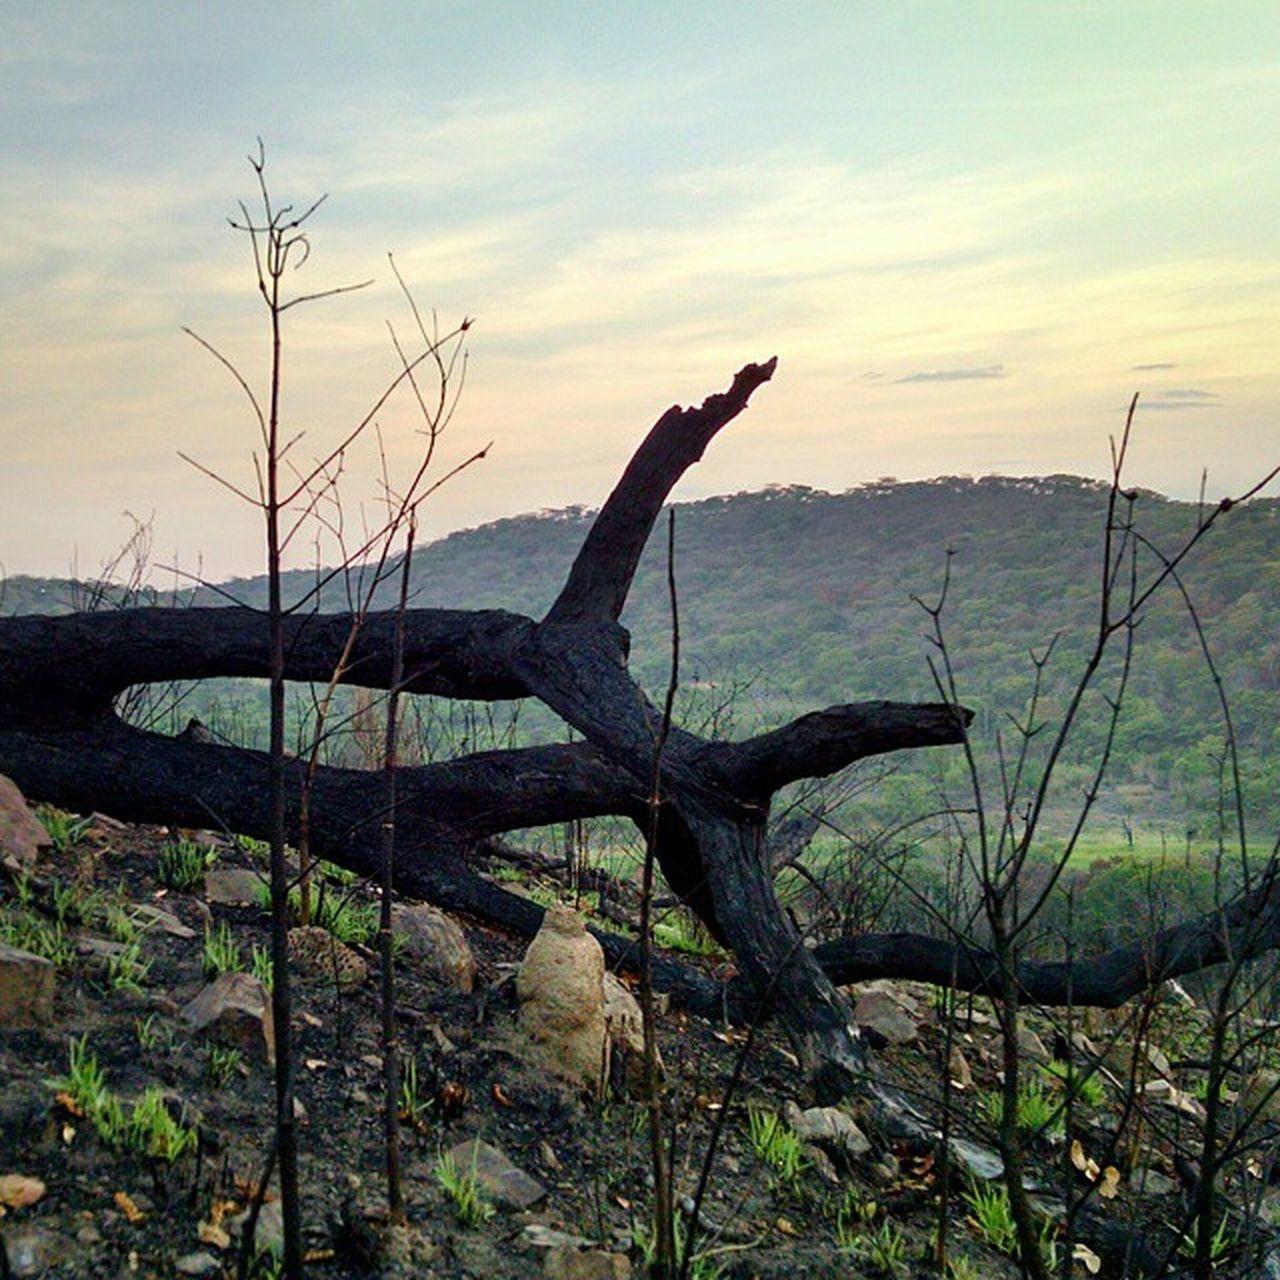 Be. Kazembeorphanage2014 Travel Explore Zambia Africa Nature Outdoors Sunset